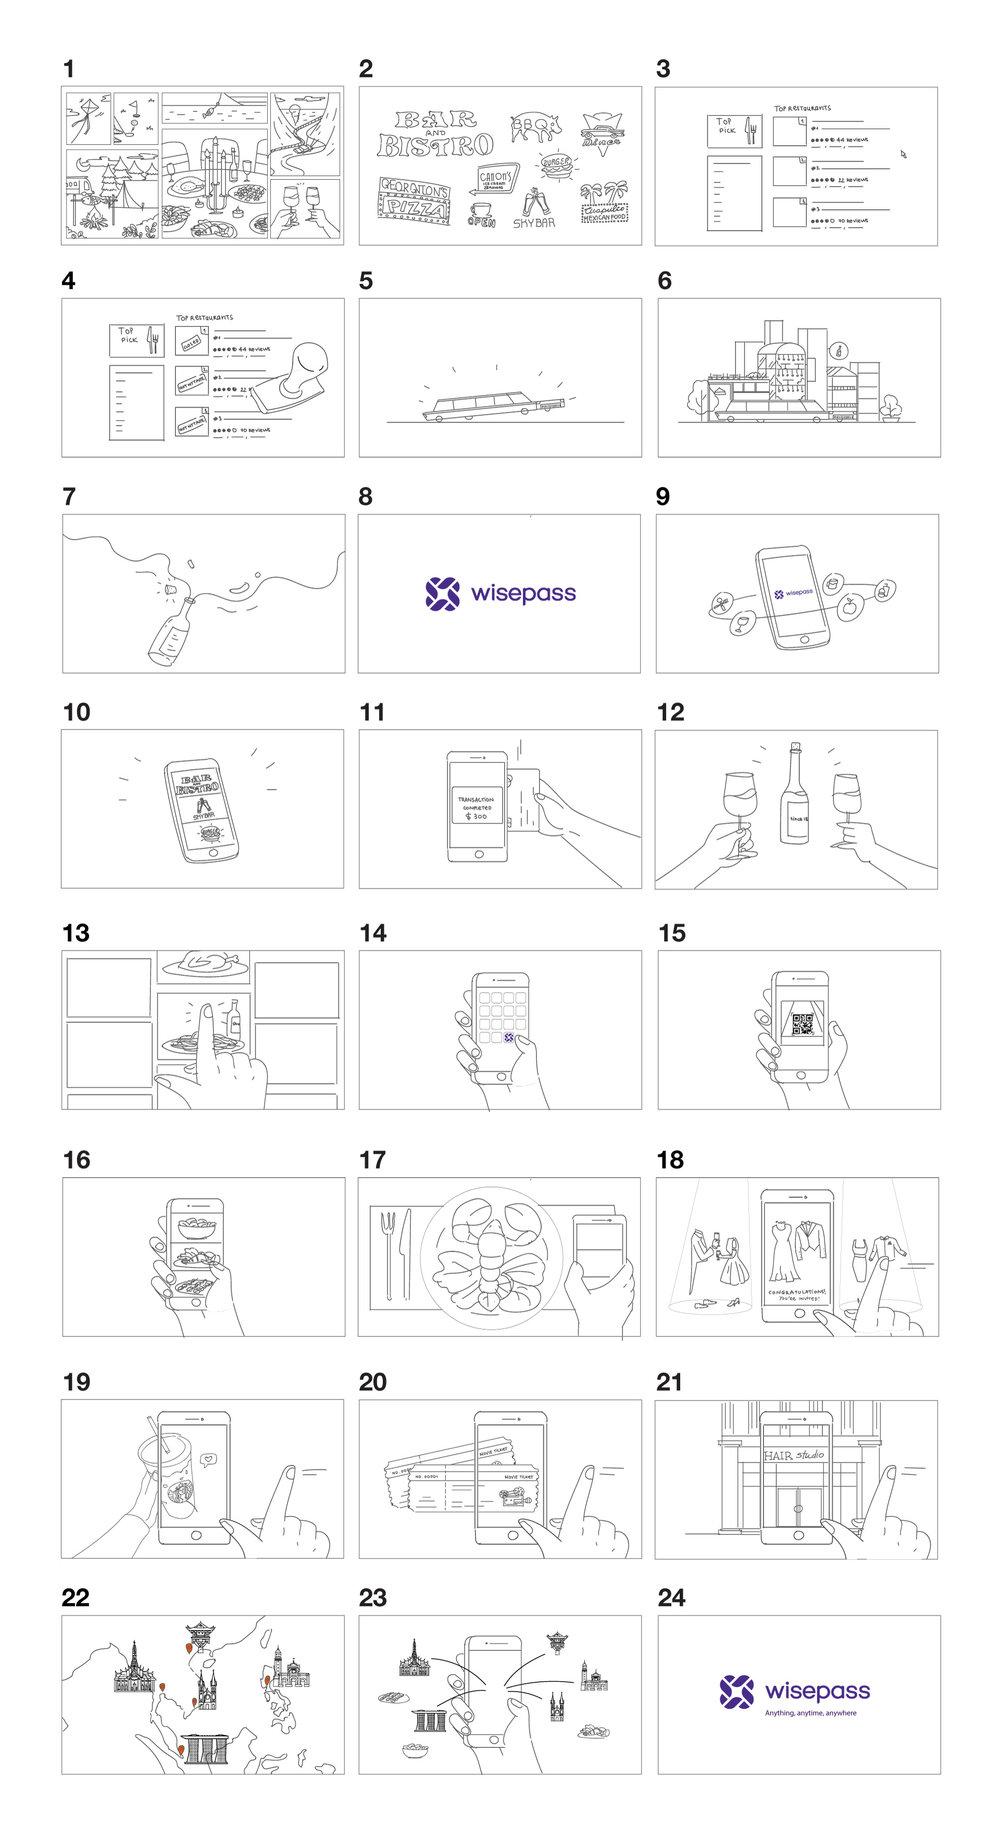 Wisepass_Storyboard_Sketch_180607_Option2.jpg